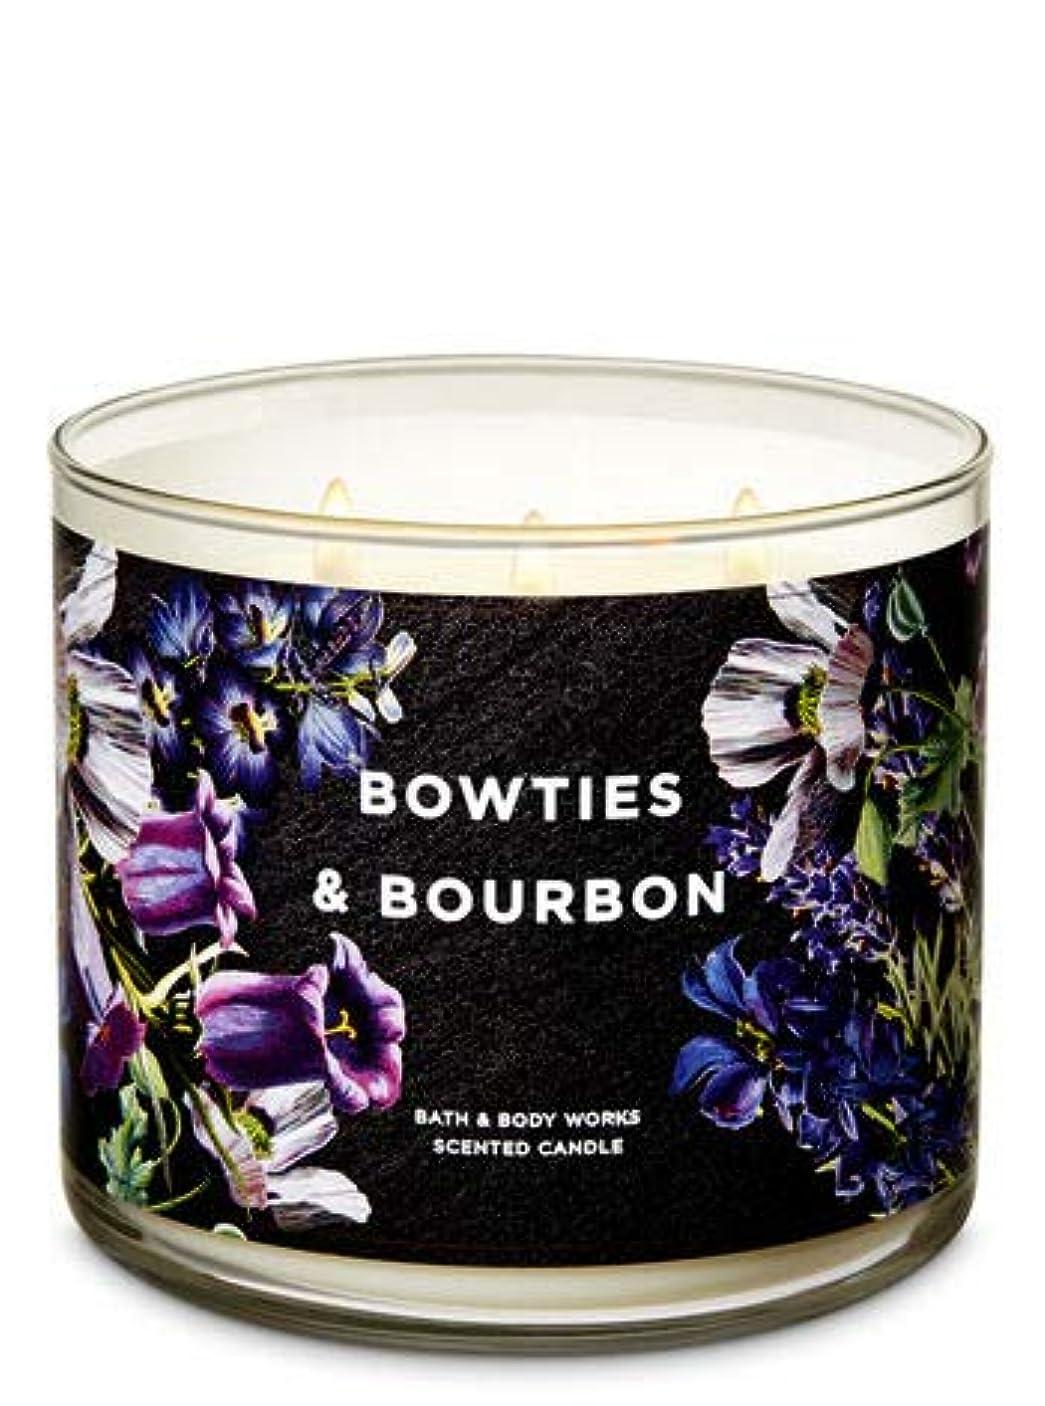 サンプルタフどきどき【Bath&Body Works/バス&ボディワークス】 アロマキャンドル ボウタイ&バーボン 3-Wick Scented Candle Bowties & Bourbon 14.5oz/411g [並行輸入品]